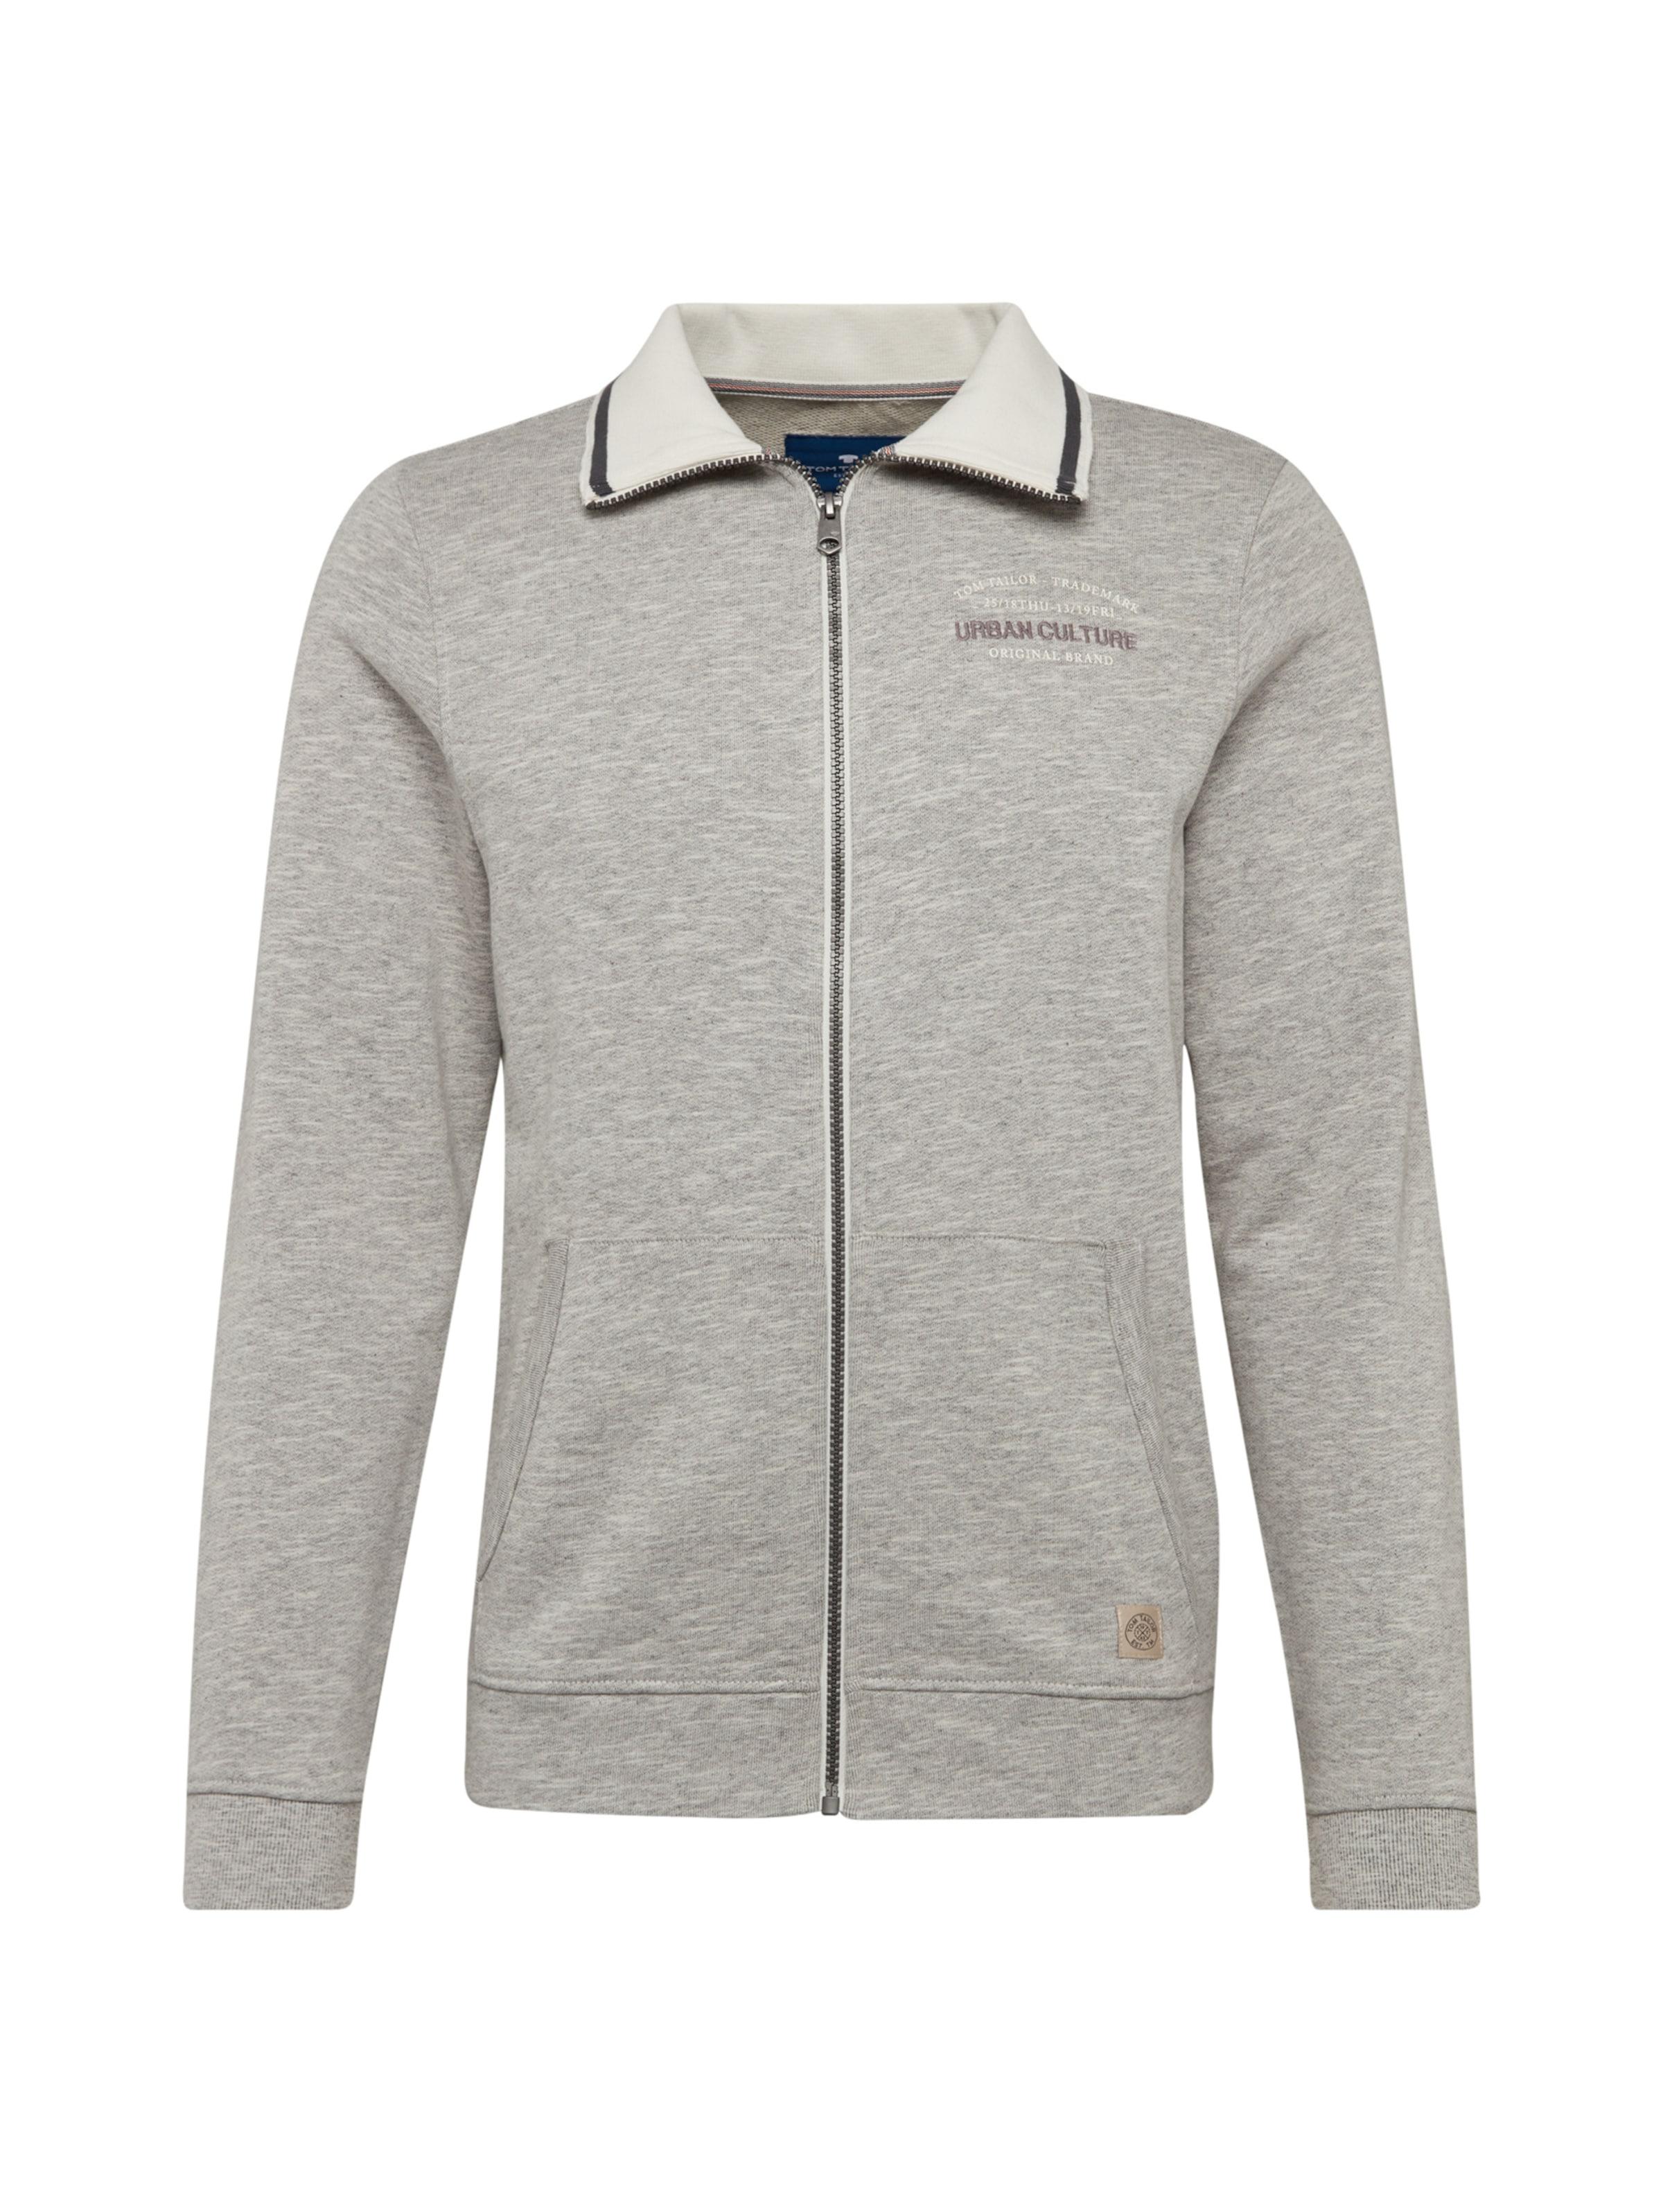 Sweatjacke Tailor In Grau Tom eErxWBdCQo